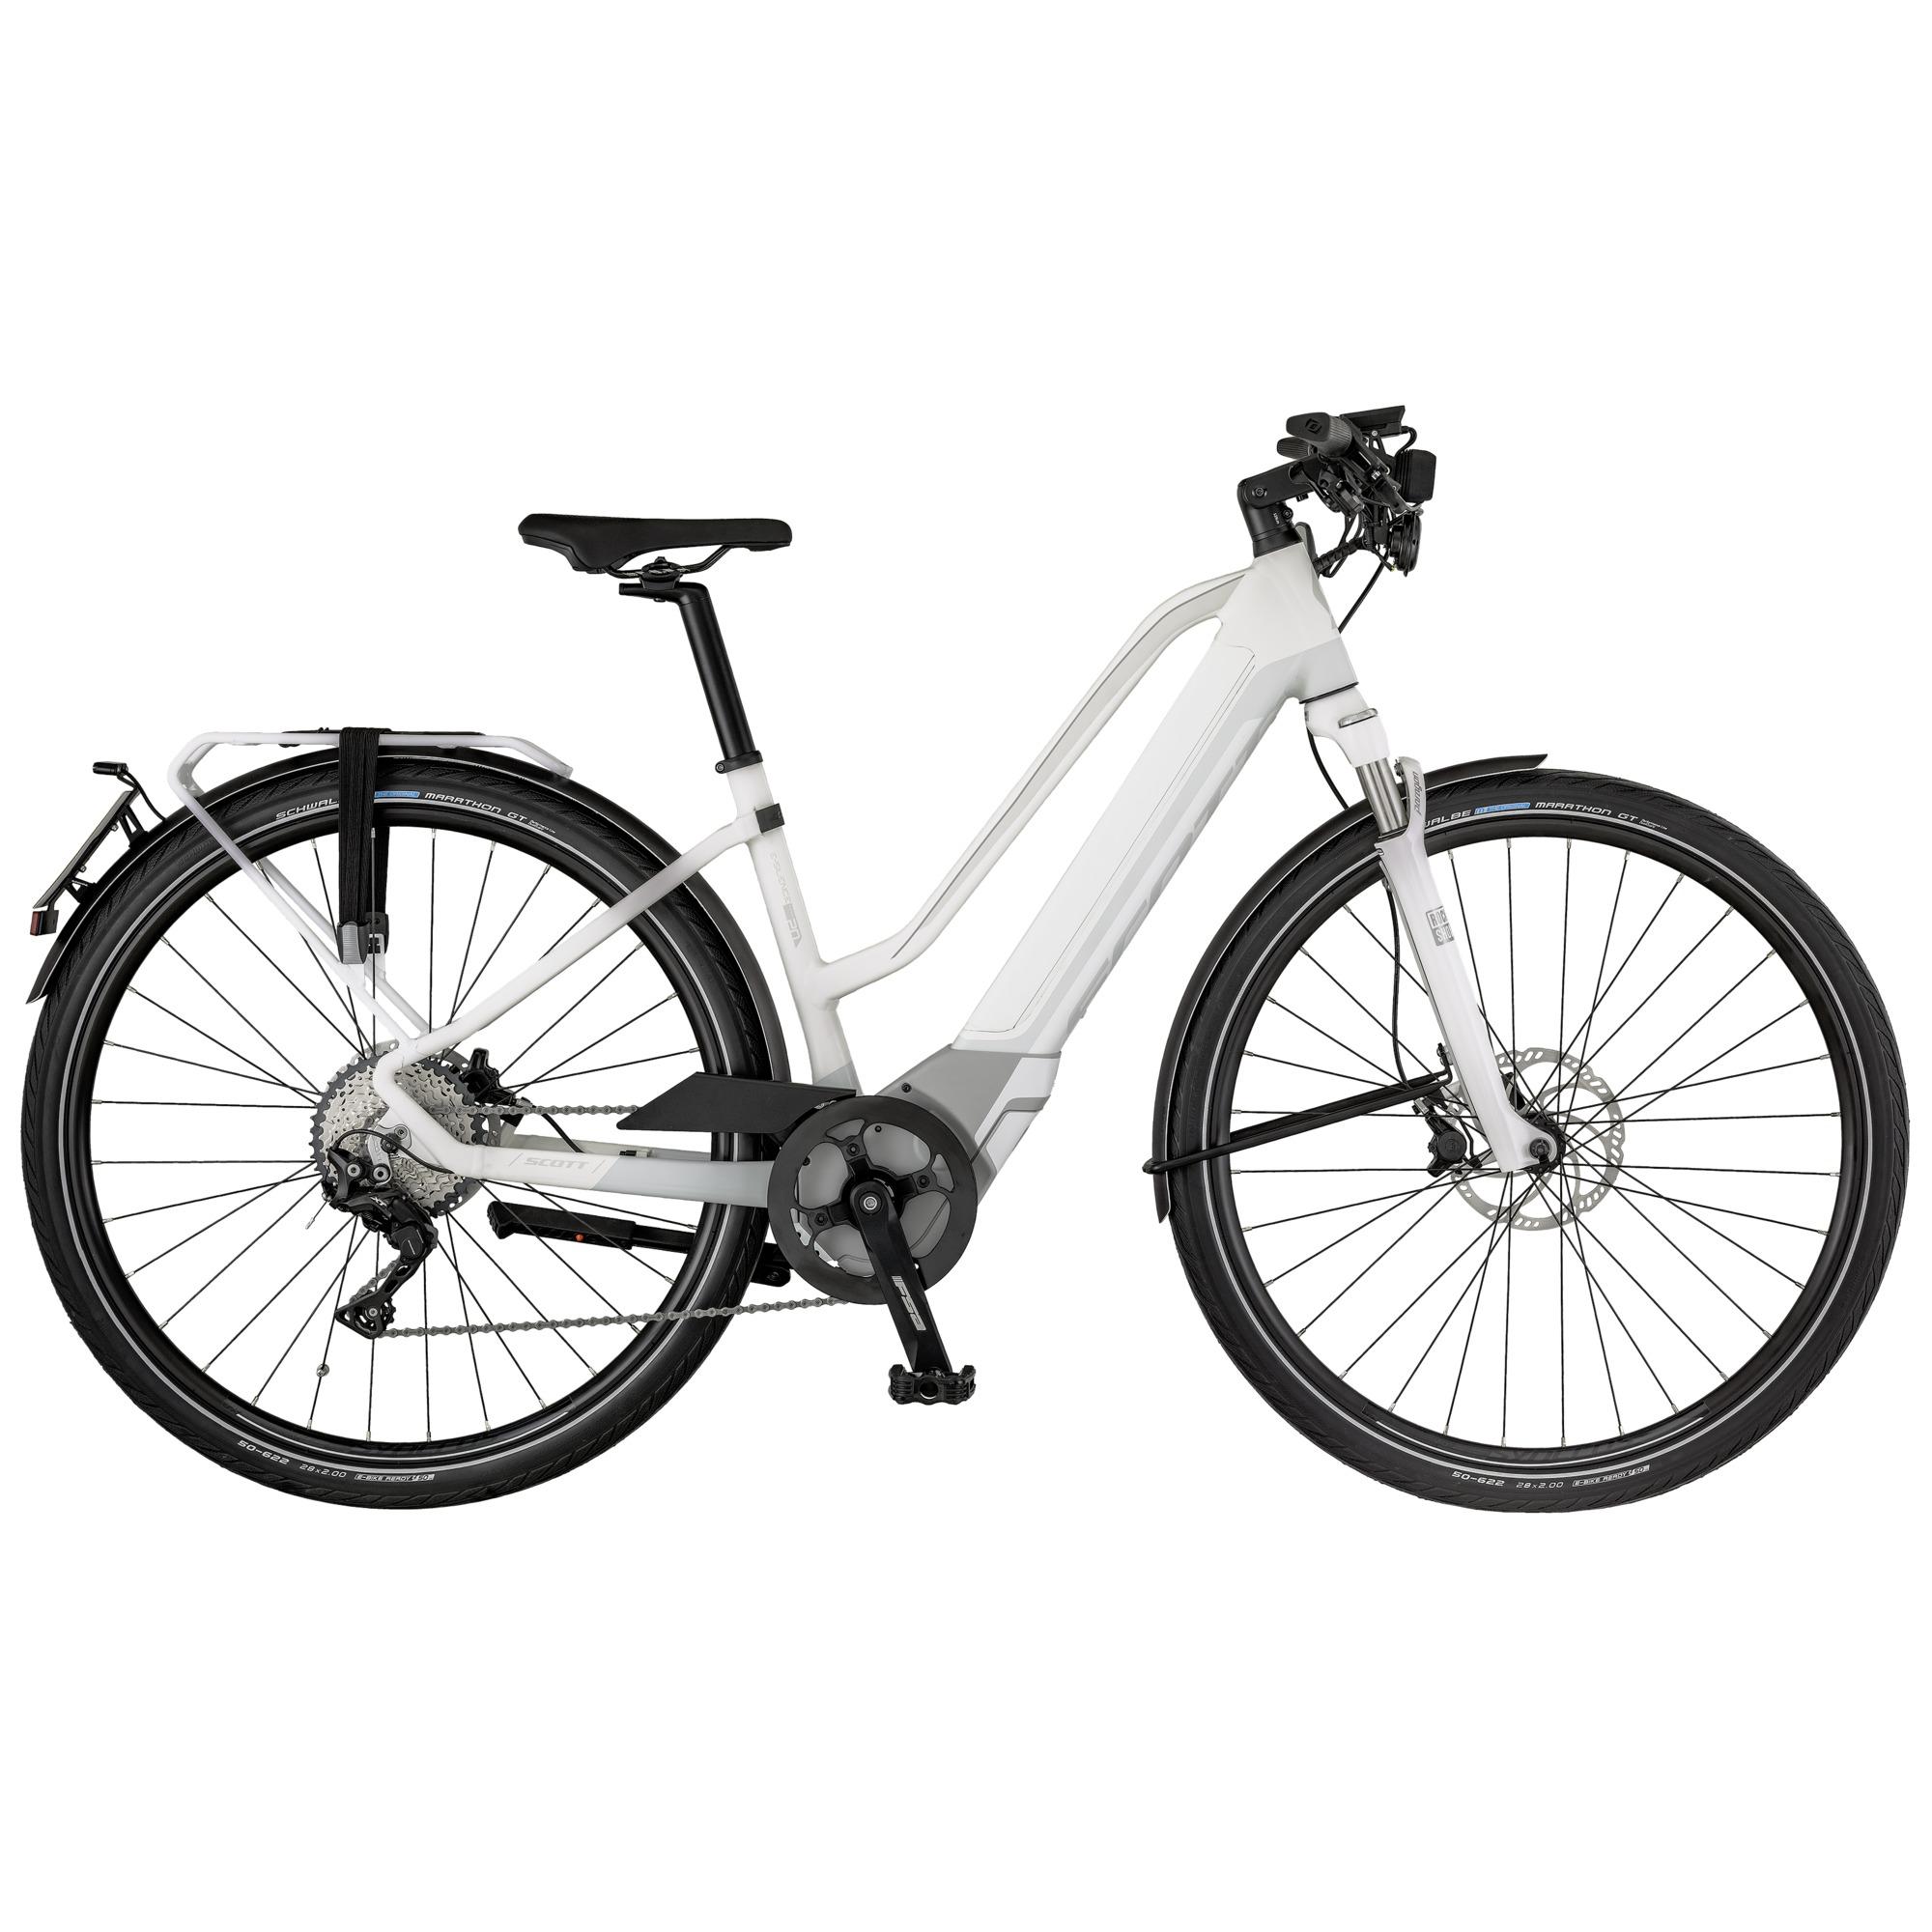 SCOTT E-Silence Speed 20 Damenfahrrad M - Zweirad Homann